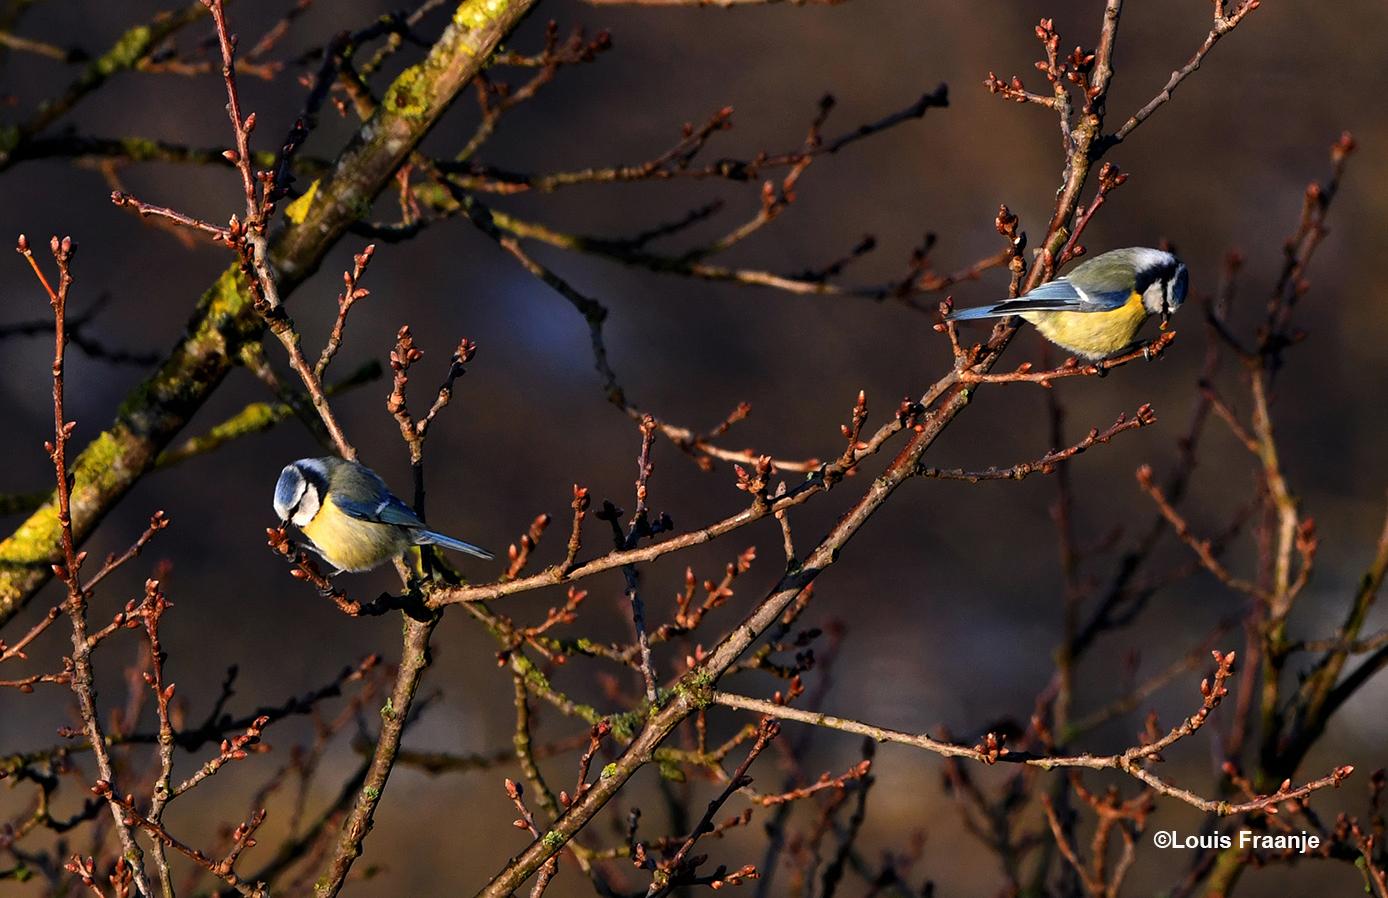 De pimpelmezen knabbelen aan de verse knoppen van een oude eikenboom - Foto: ©Louis Fraanje